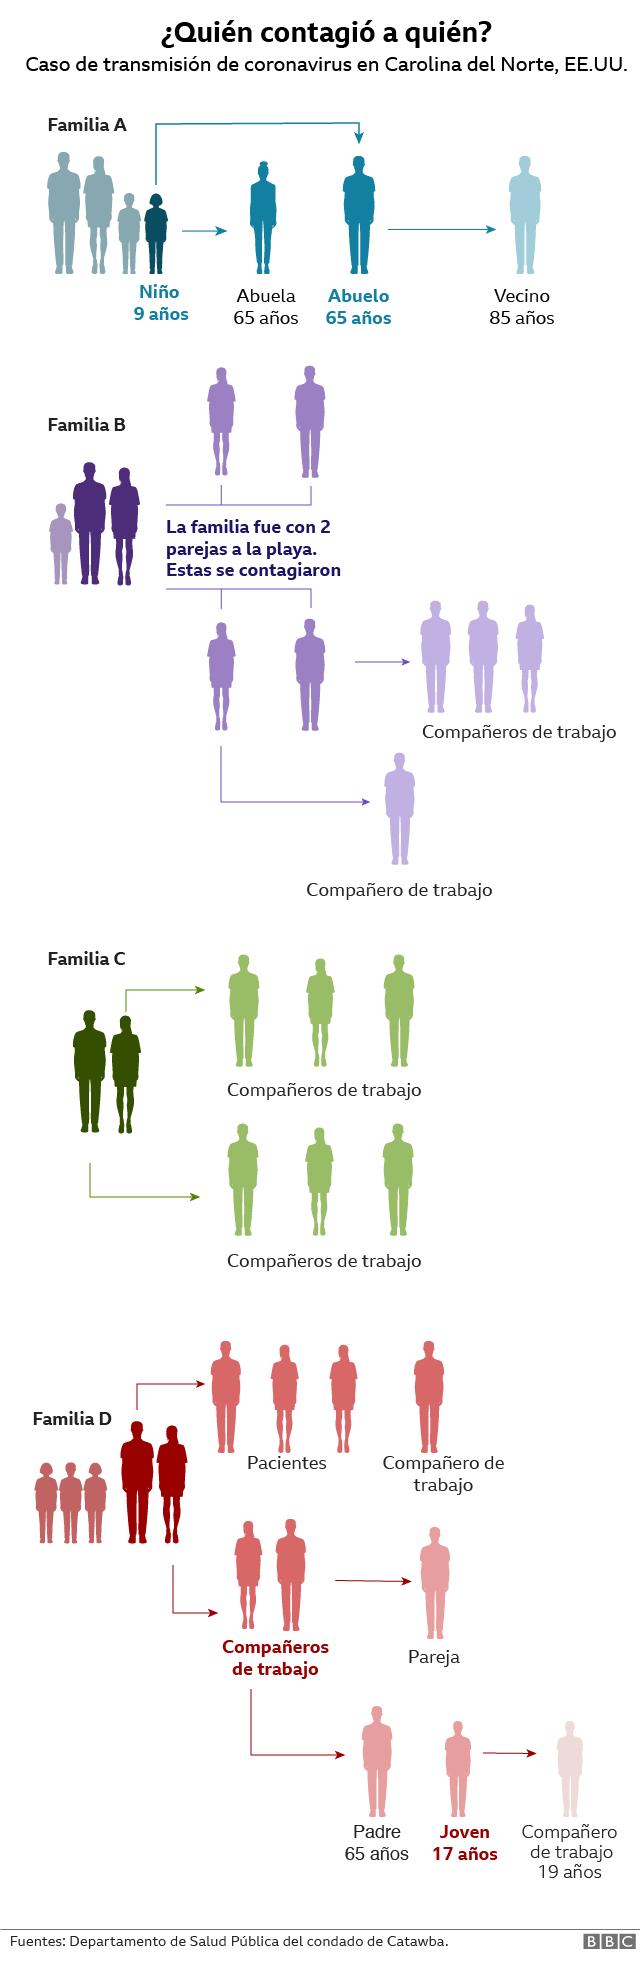 Visualización que muestra quién contagió a quién de covid-19.